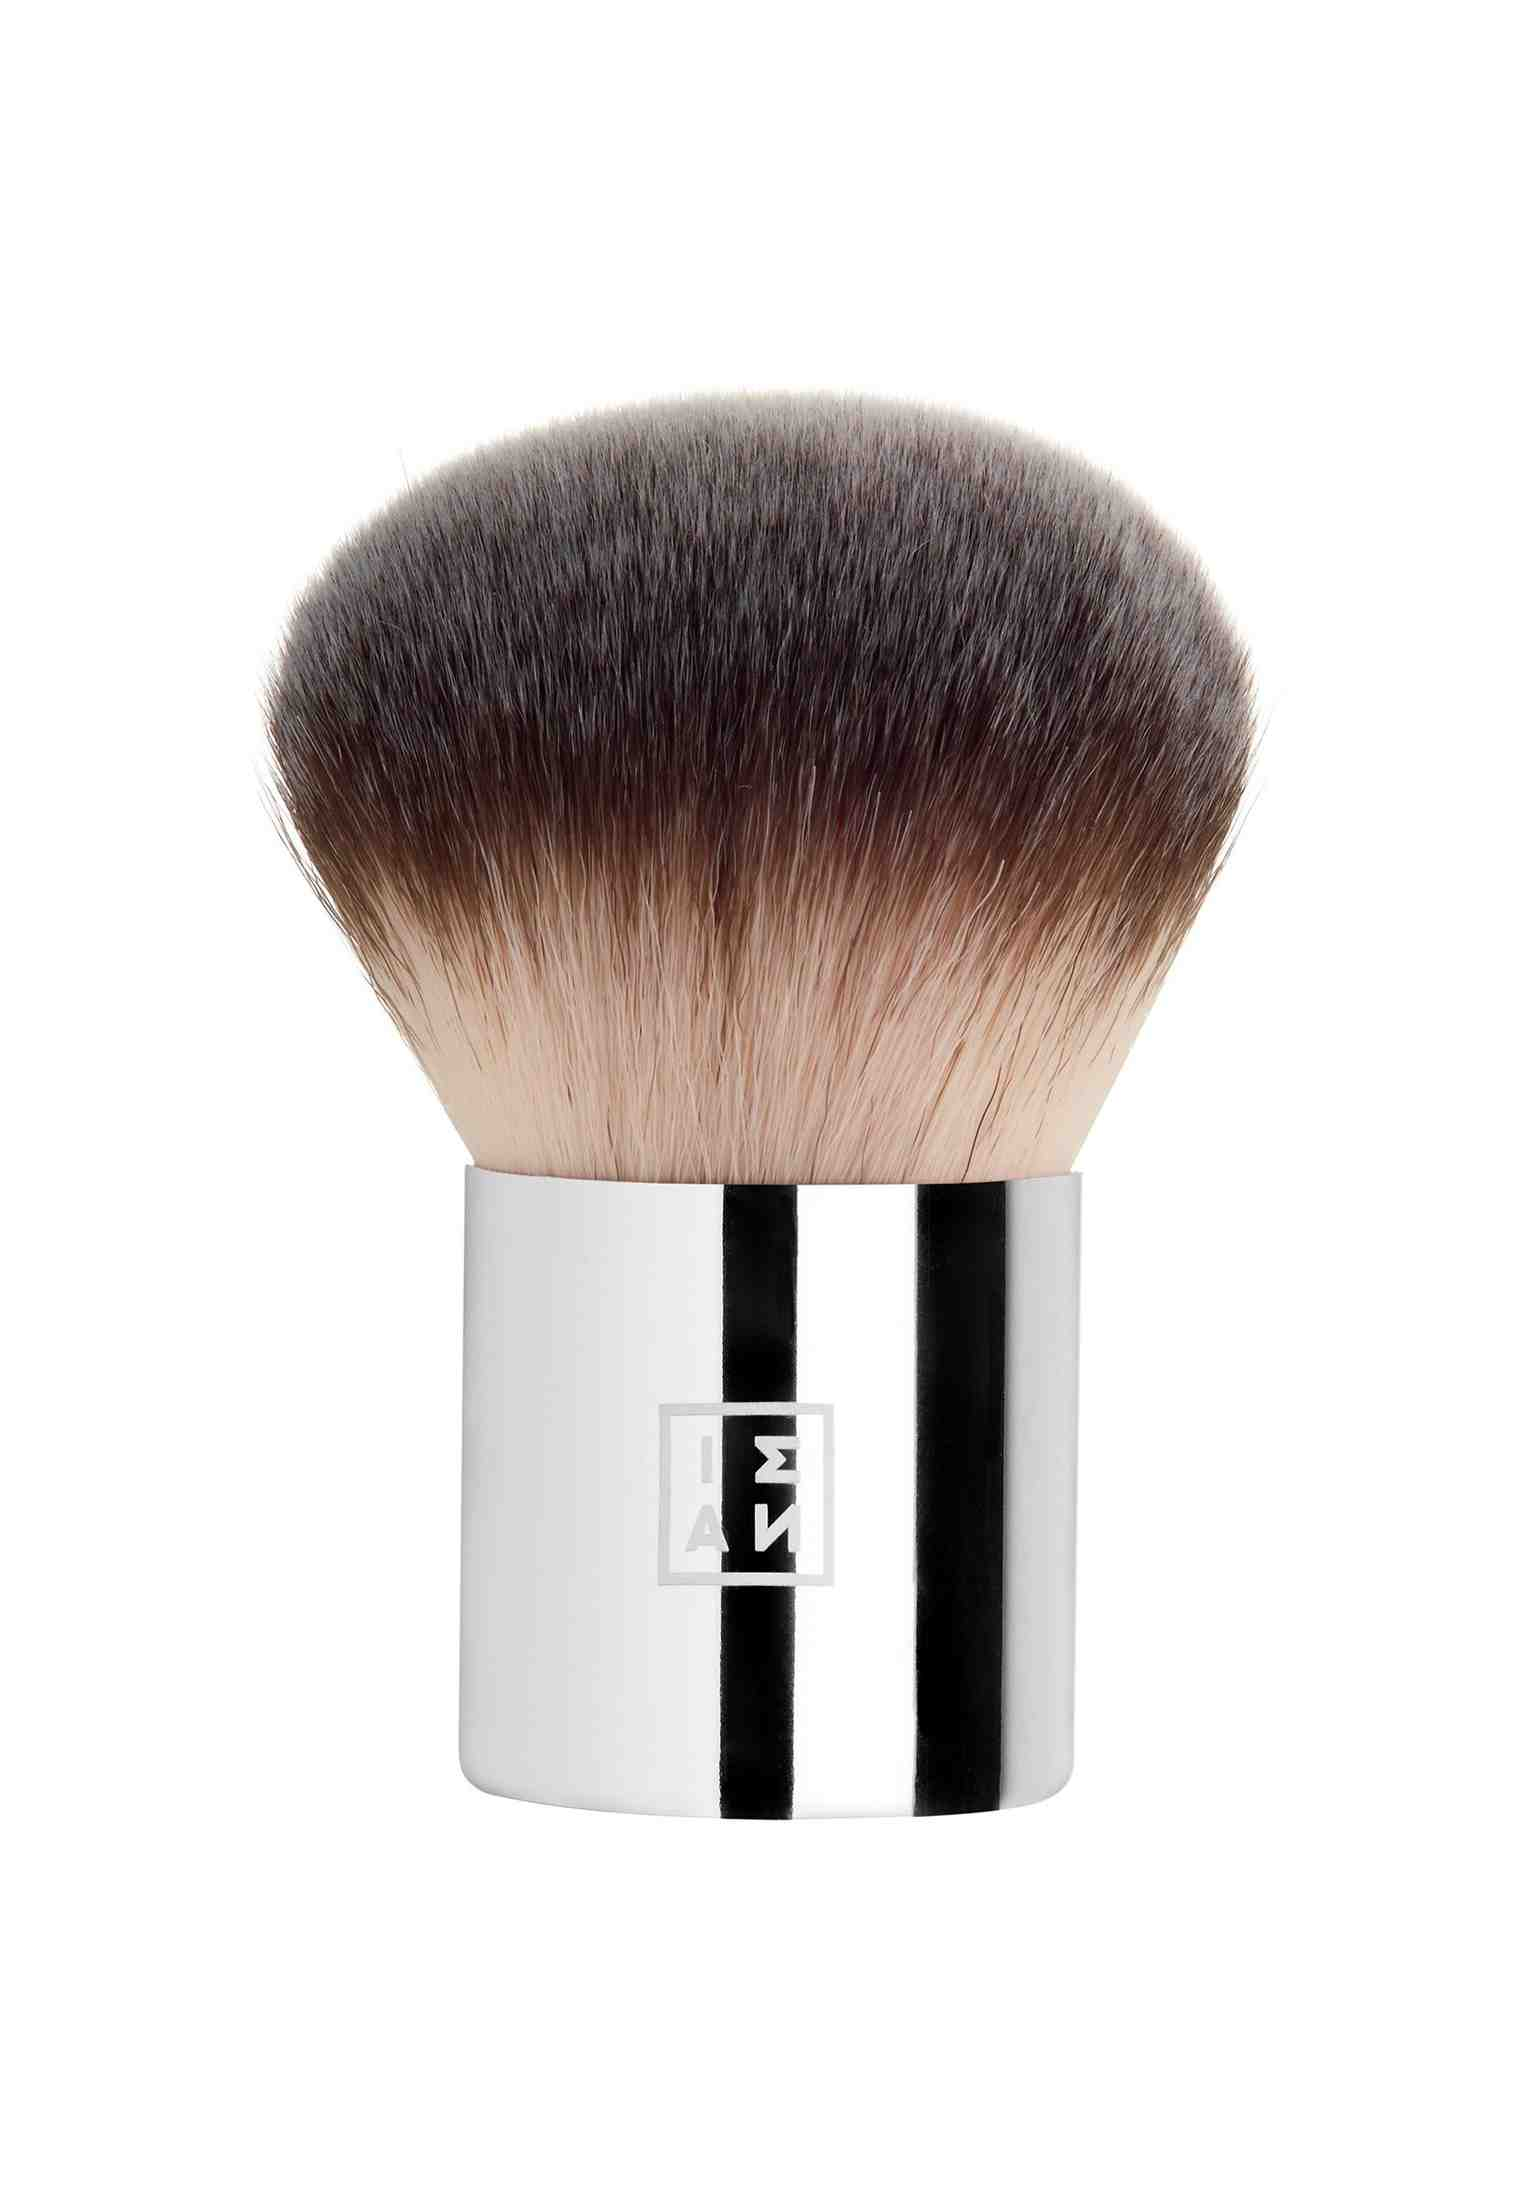 Comment nettoyer ses pinceaux de maquillage naturellement ?